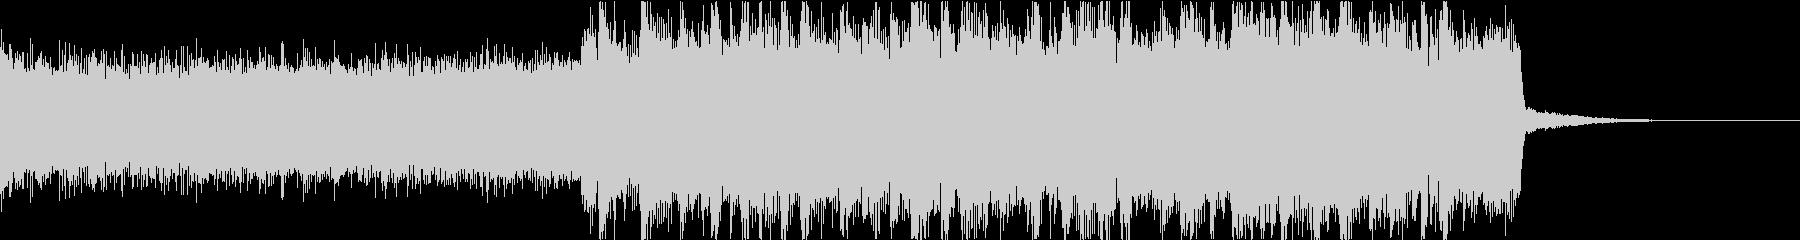 激しいゴリゴリロック♪バトル♪ジングル2の未再生の波形